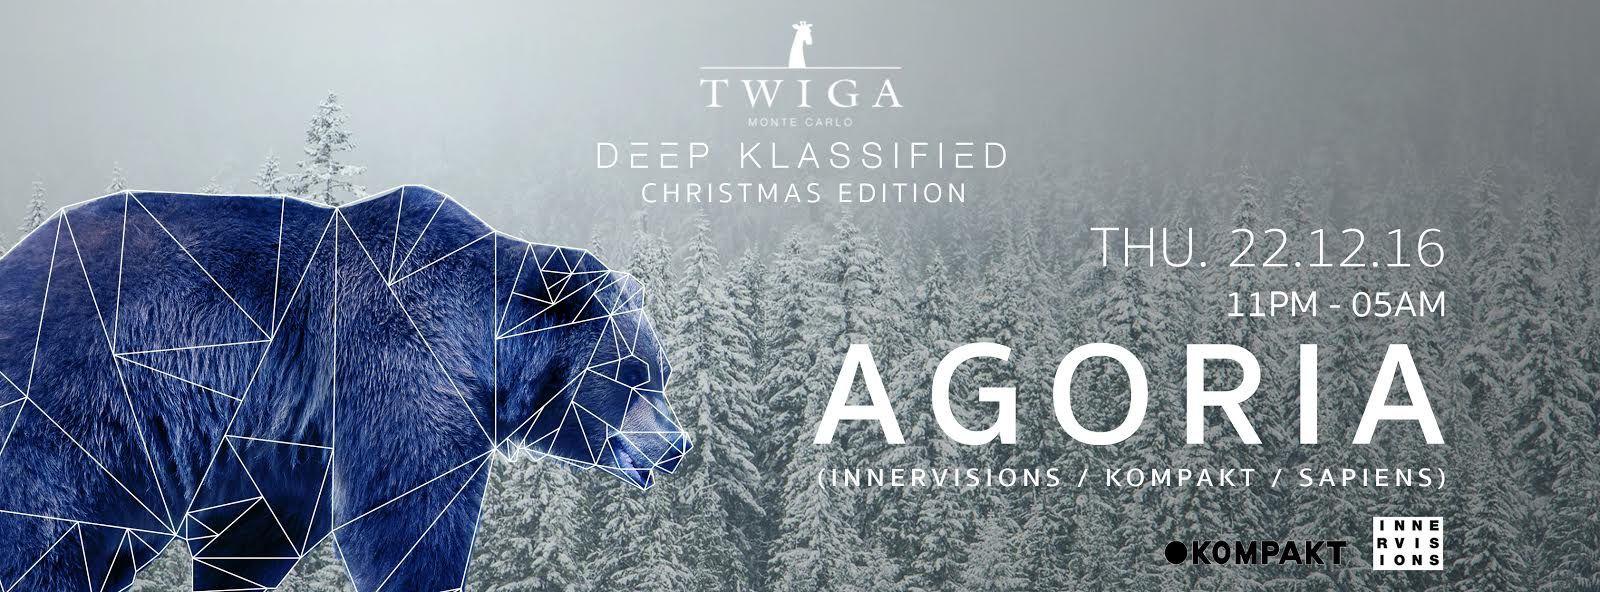 Deep Klassified Christmas Edition  Monaco avec AGORIA 23h-5h , jkeudi 22 décembre